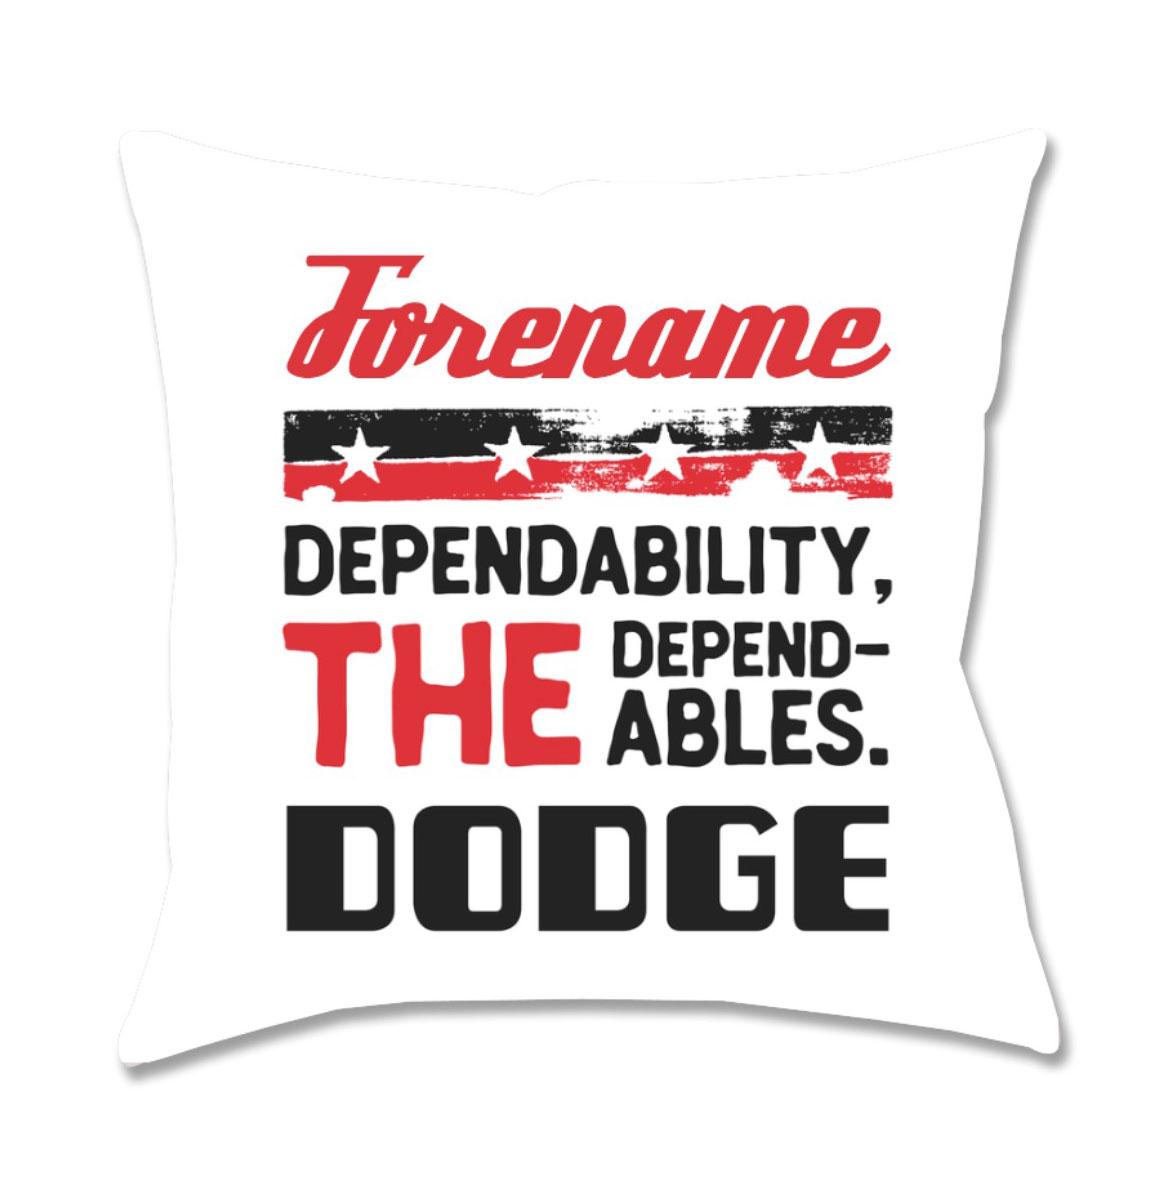 Gepersonaliseerd Dodge Dependables Kussen - Wit (40x40 cm)